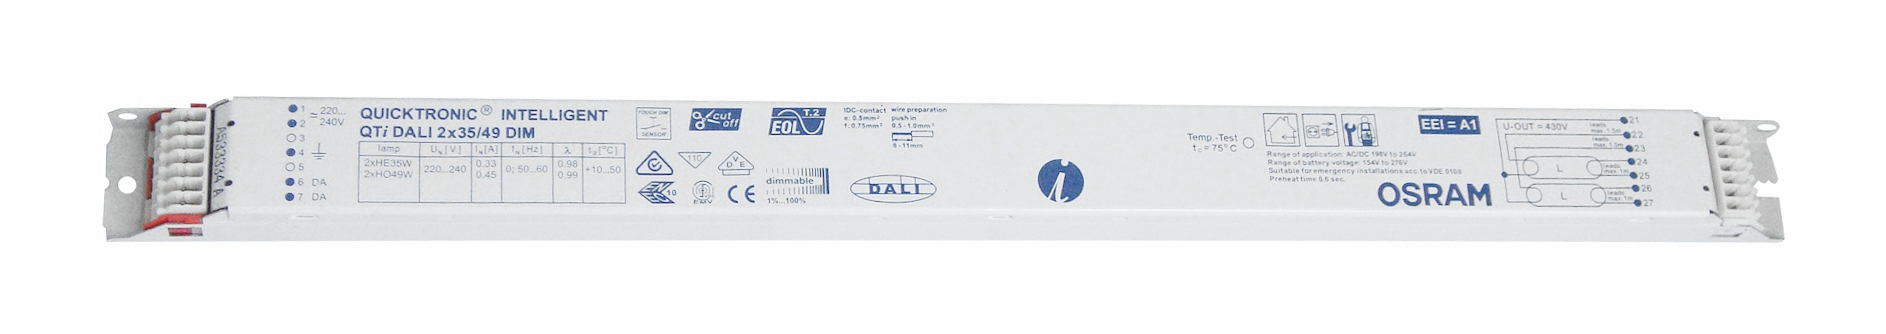 1 Stk EVG QTIDALI 2x21/39/220-240 für T5 dimmbar DALI LI5Z870489